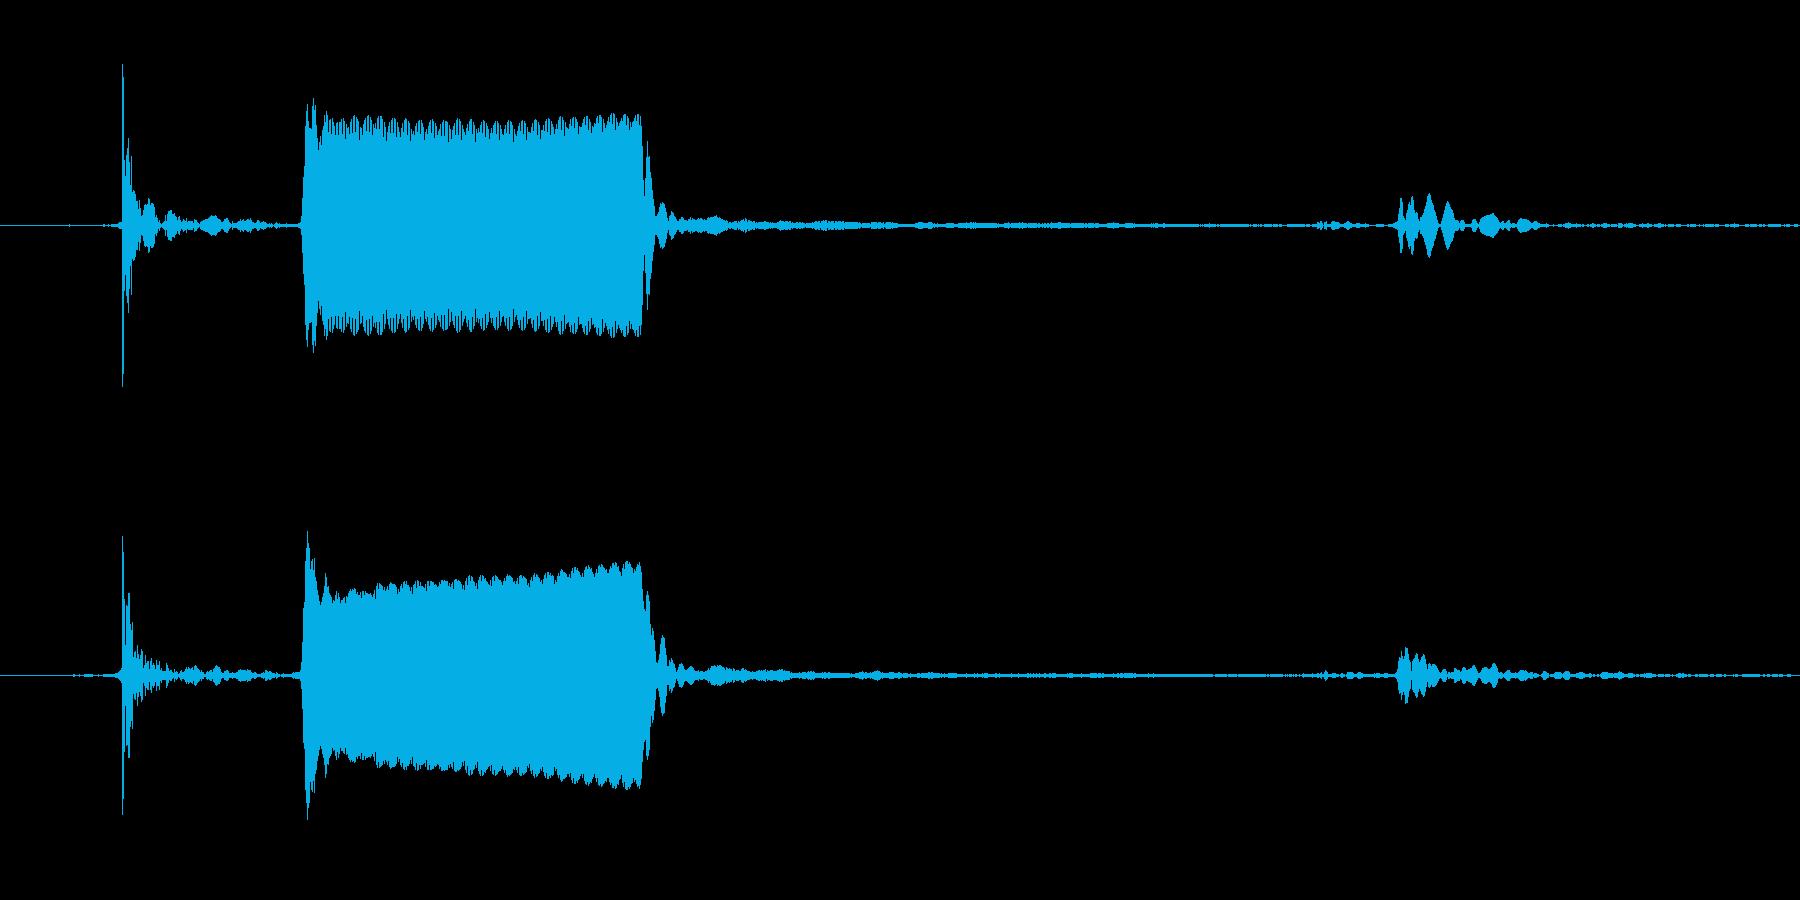 ピッ!スイッチを押したときの音の再生済みの波形